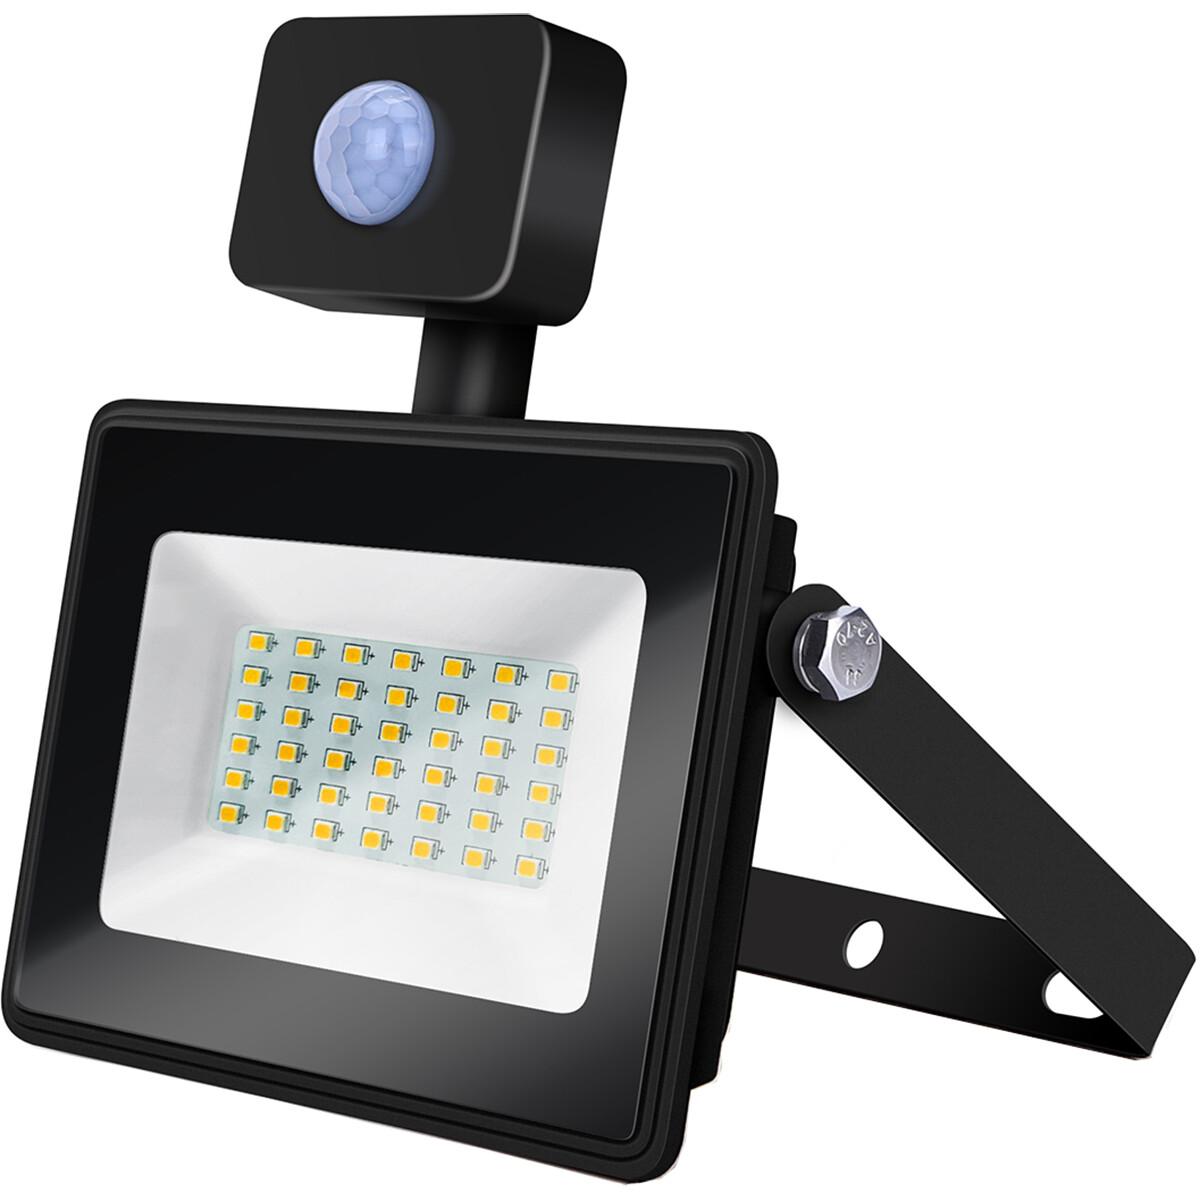 LED Bouwlamp 30 Watt met Sensor - LED Schijnwerper - Aigi Sunny - Natuurlijk Wit 4000K - Waterdicht